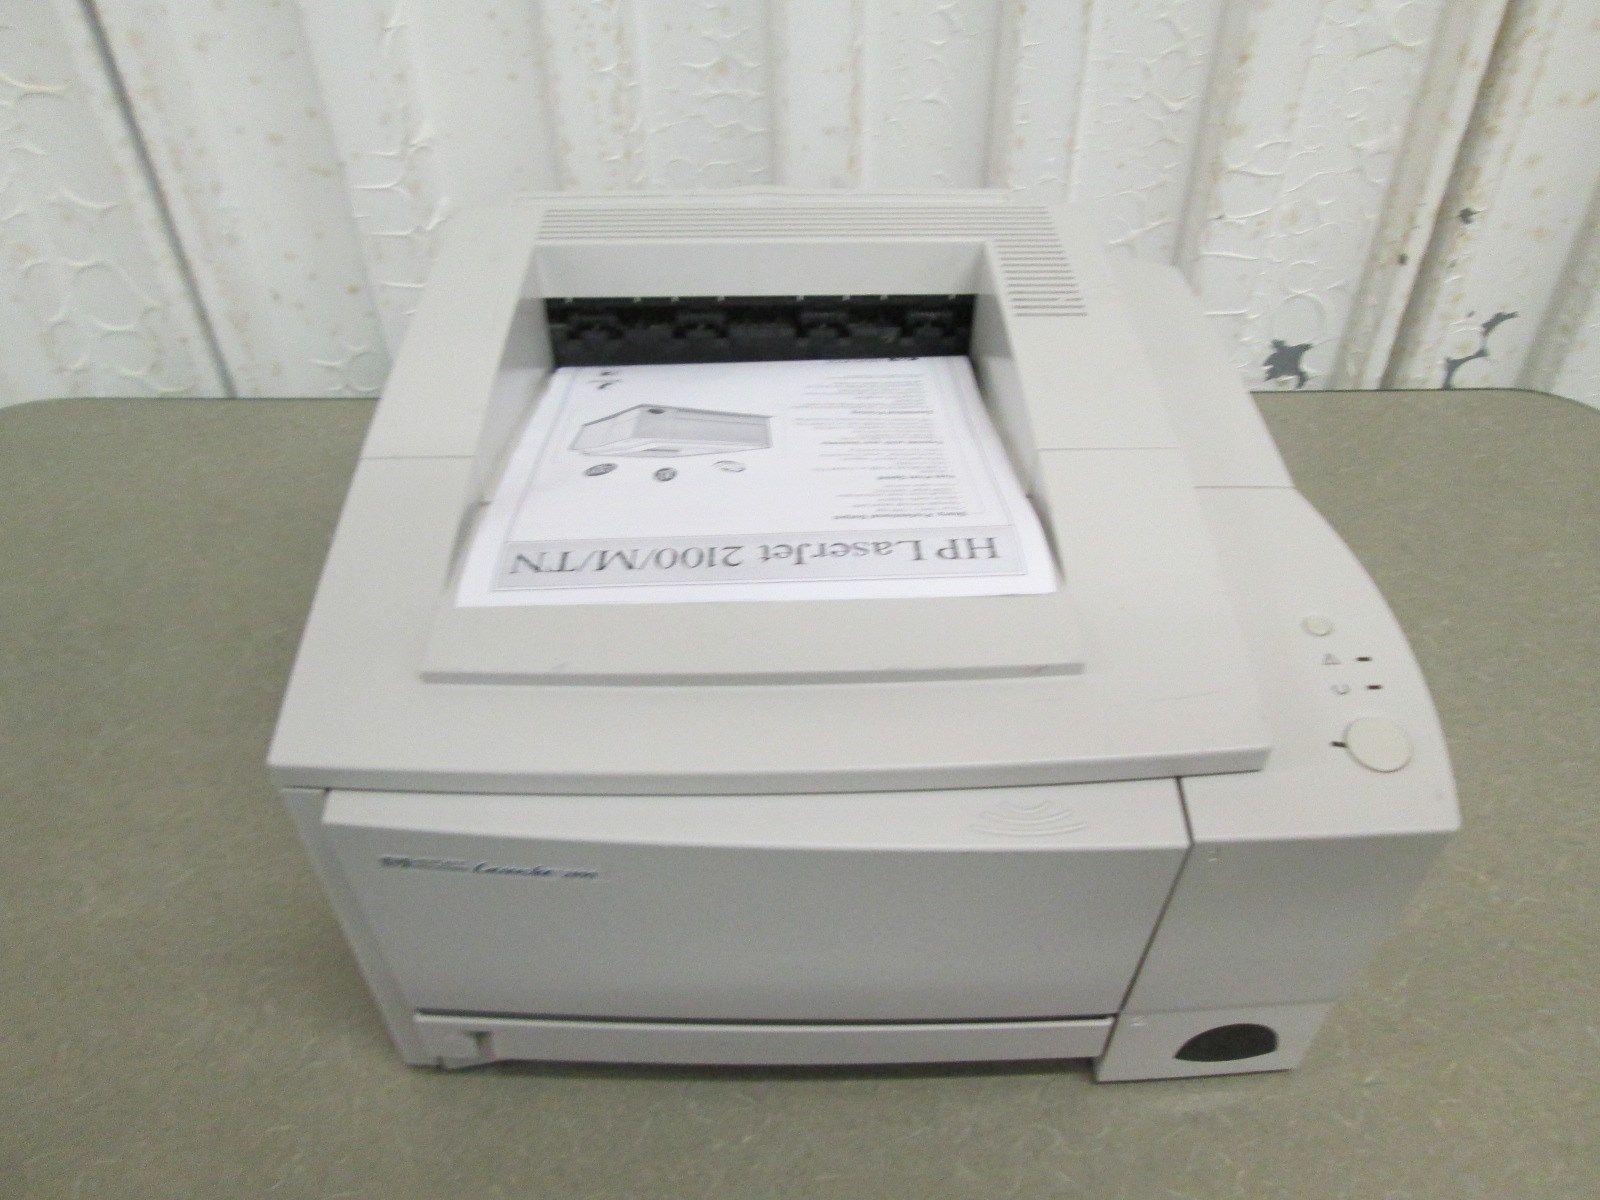 hp laserjet 2100 network printer c4170a printers. Black Bedroom Furniture Sets. Home Design Ideas